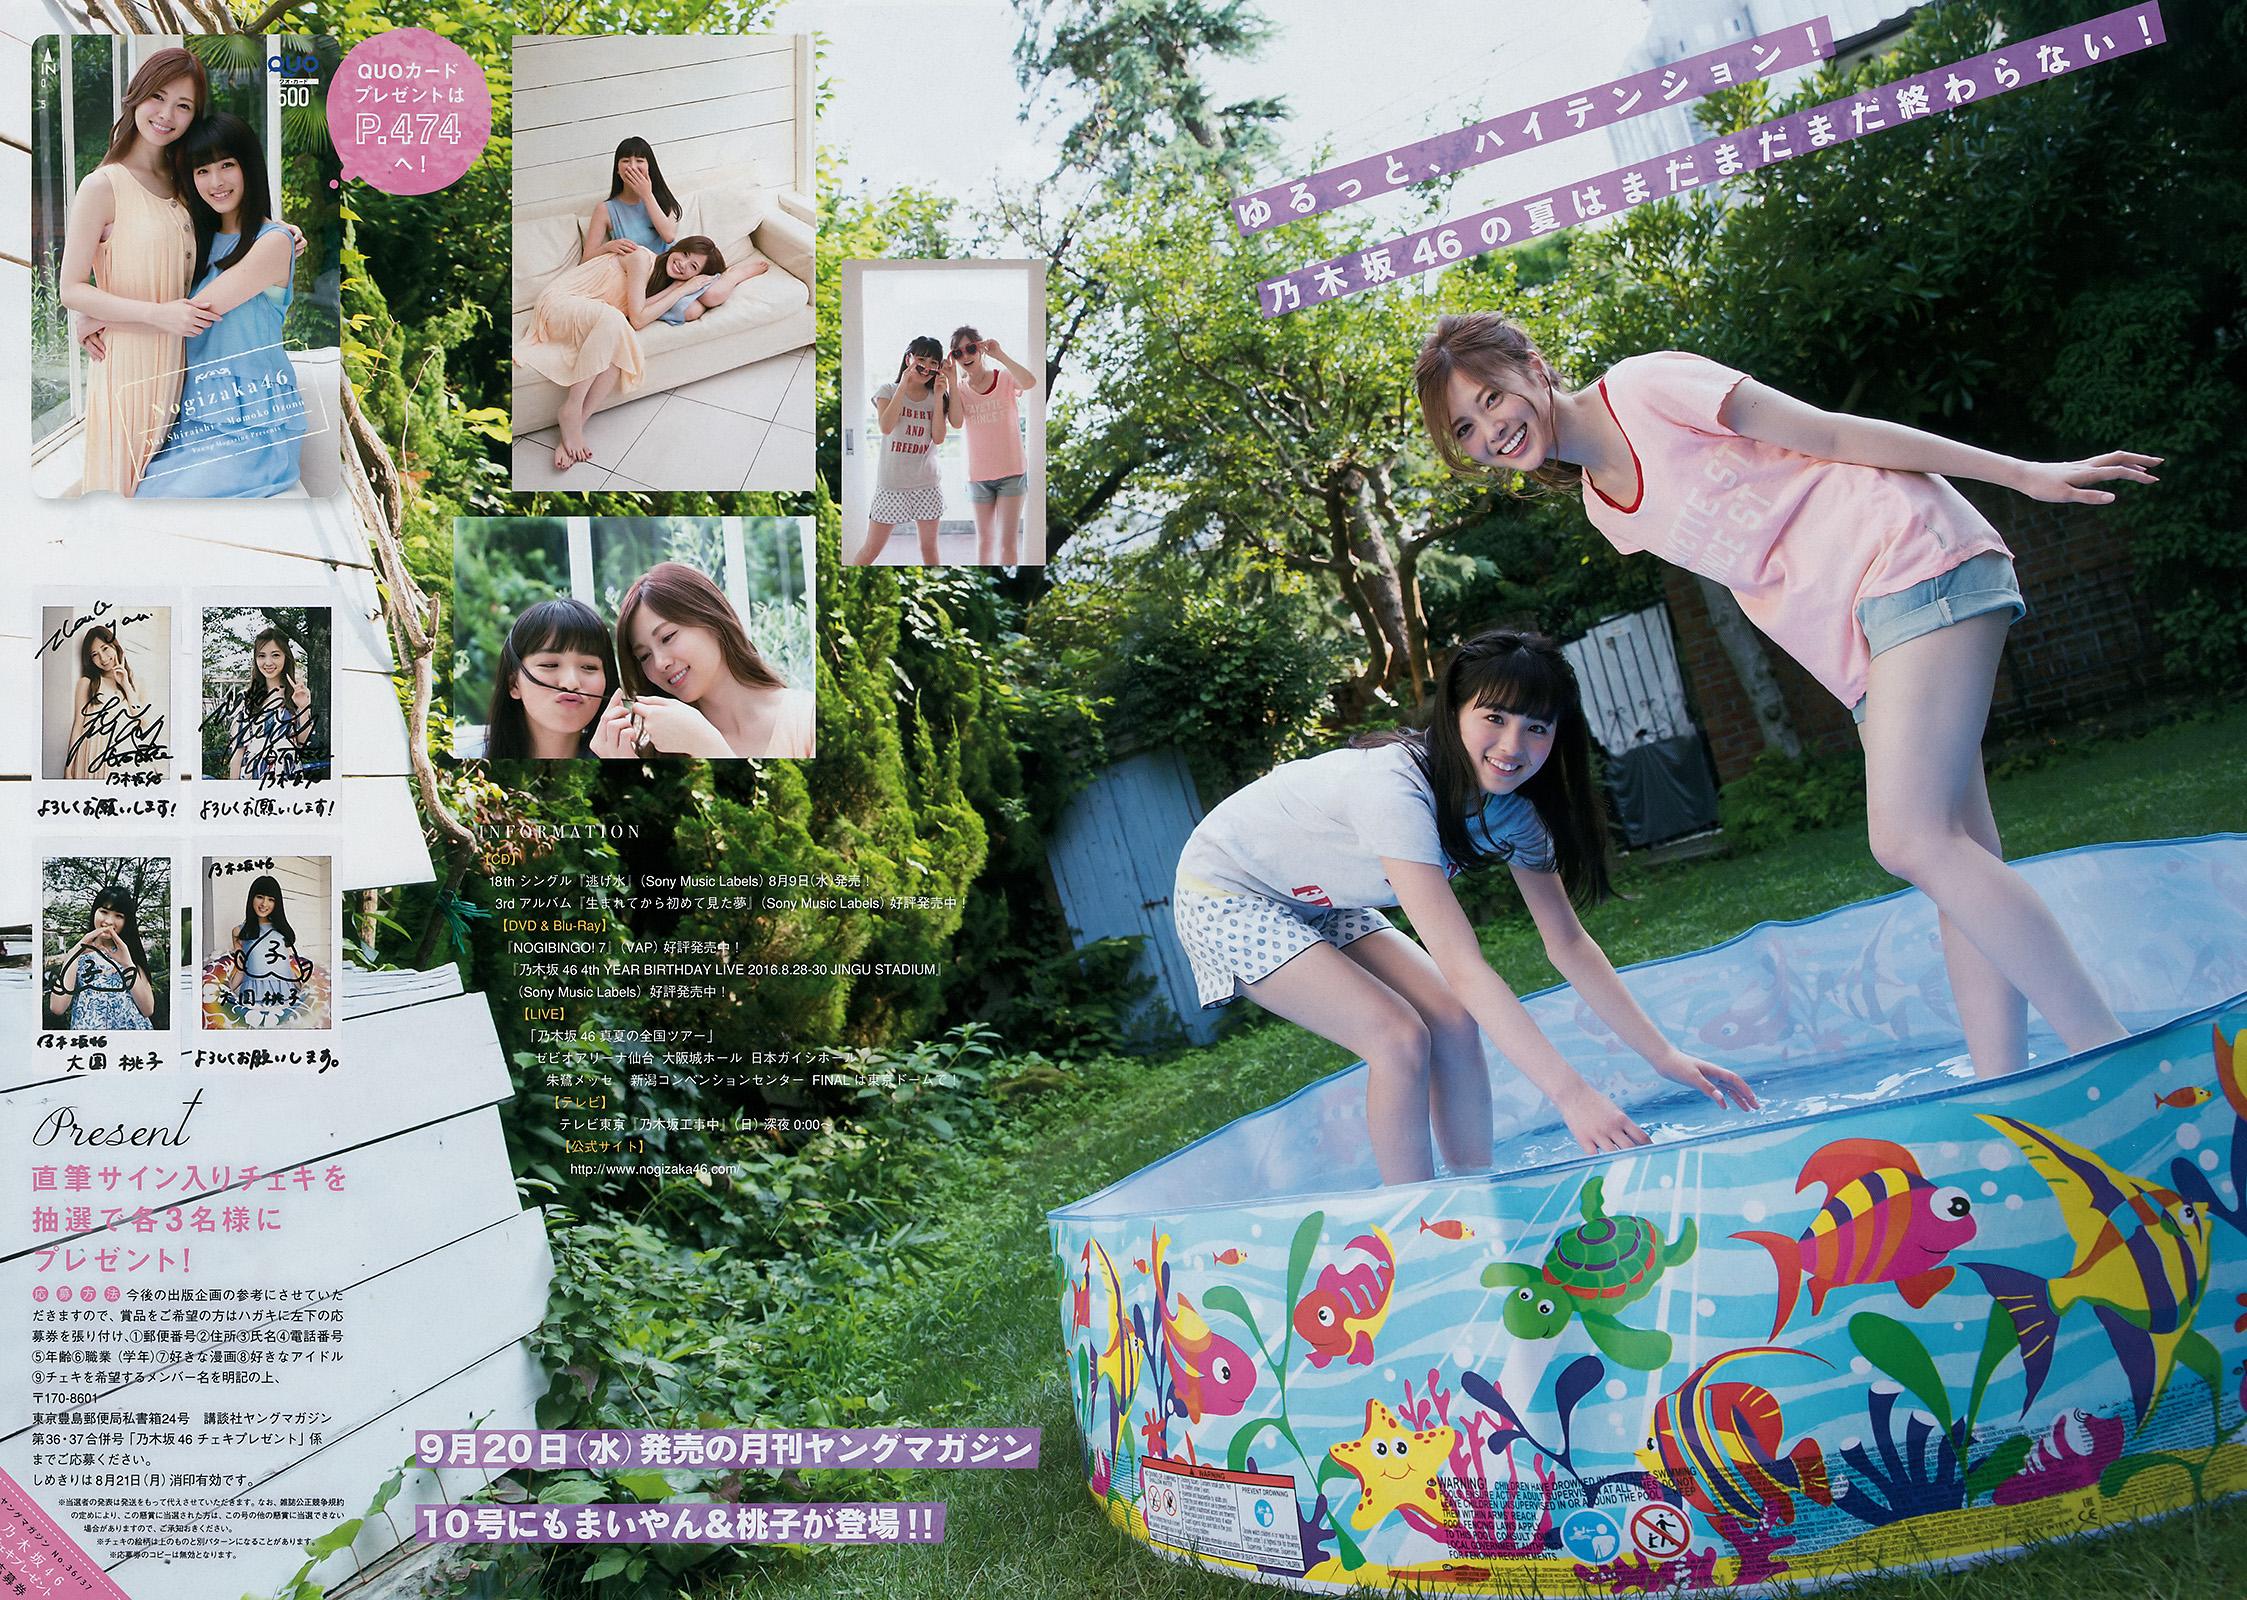 [Young Magazine] 2017 No.36-37 Mai Shiraishi  Momoko Ozono  HKT48 (白石麻衣 大園桃子 HKT48)